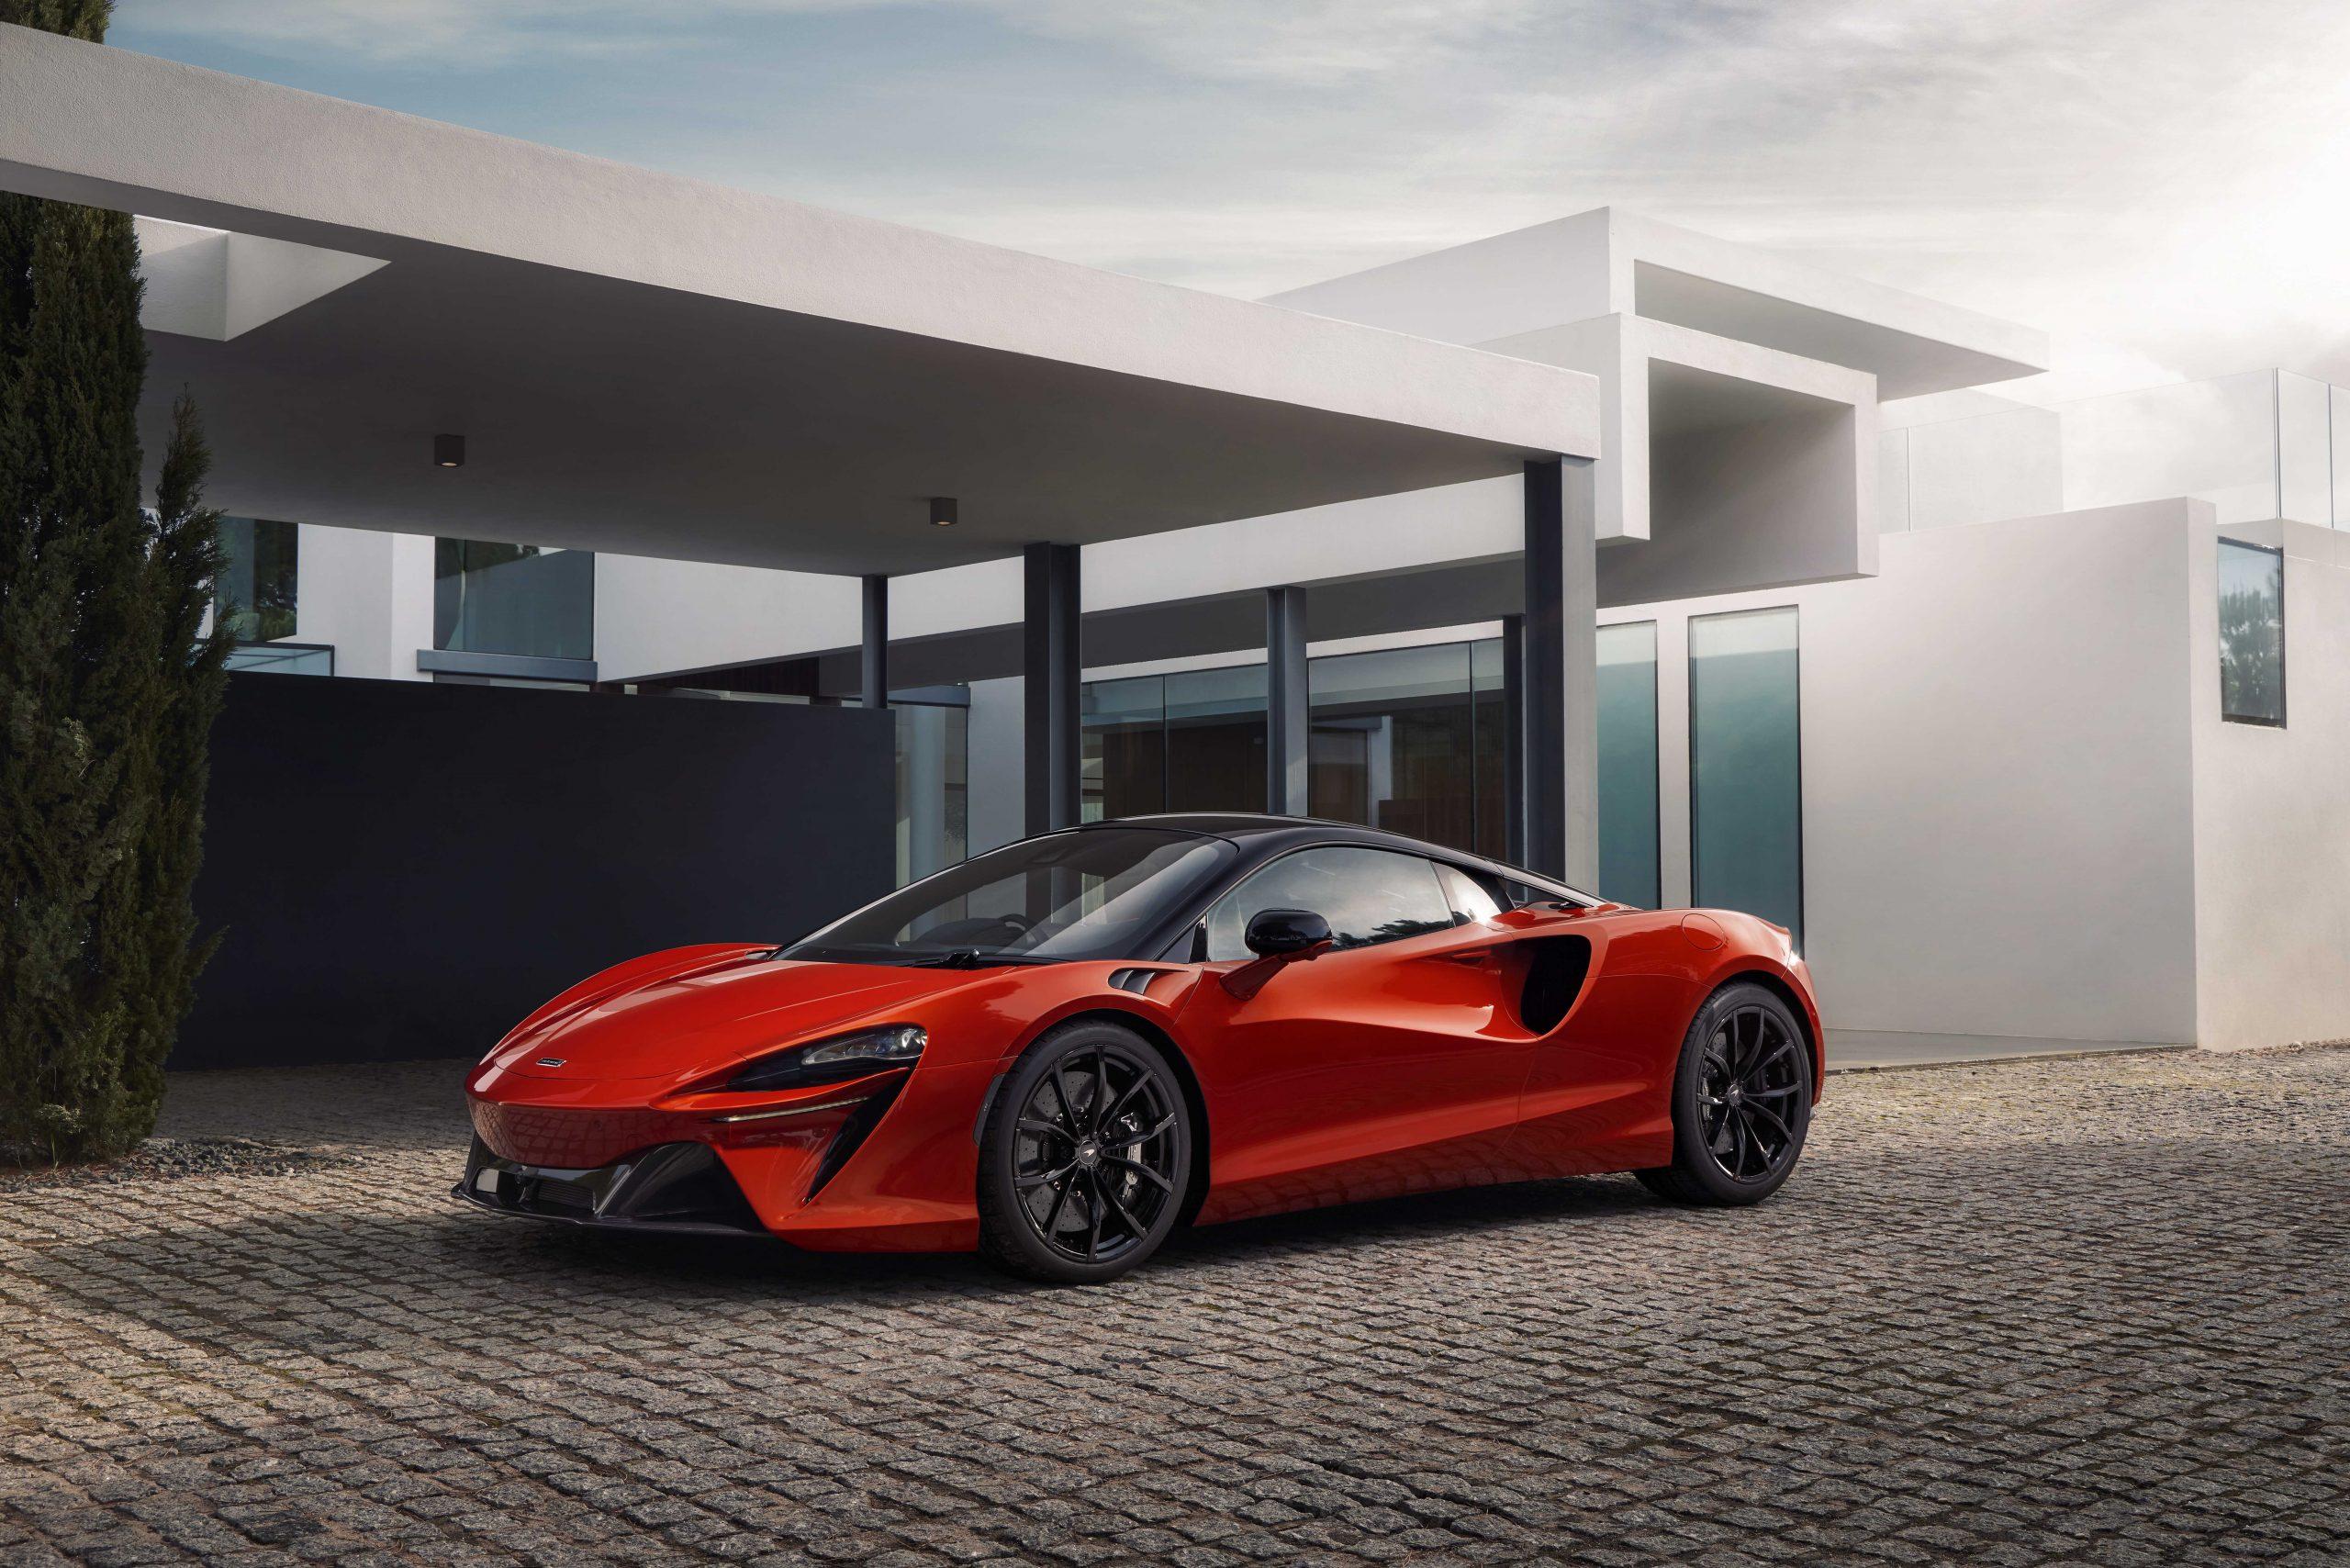 McLaren onthult de gloednieuwe, high-performance hybride supercar van de volgende generatie: de McLaren Artura